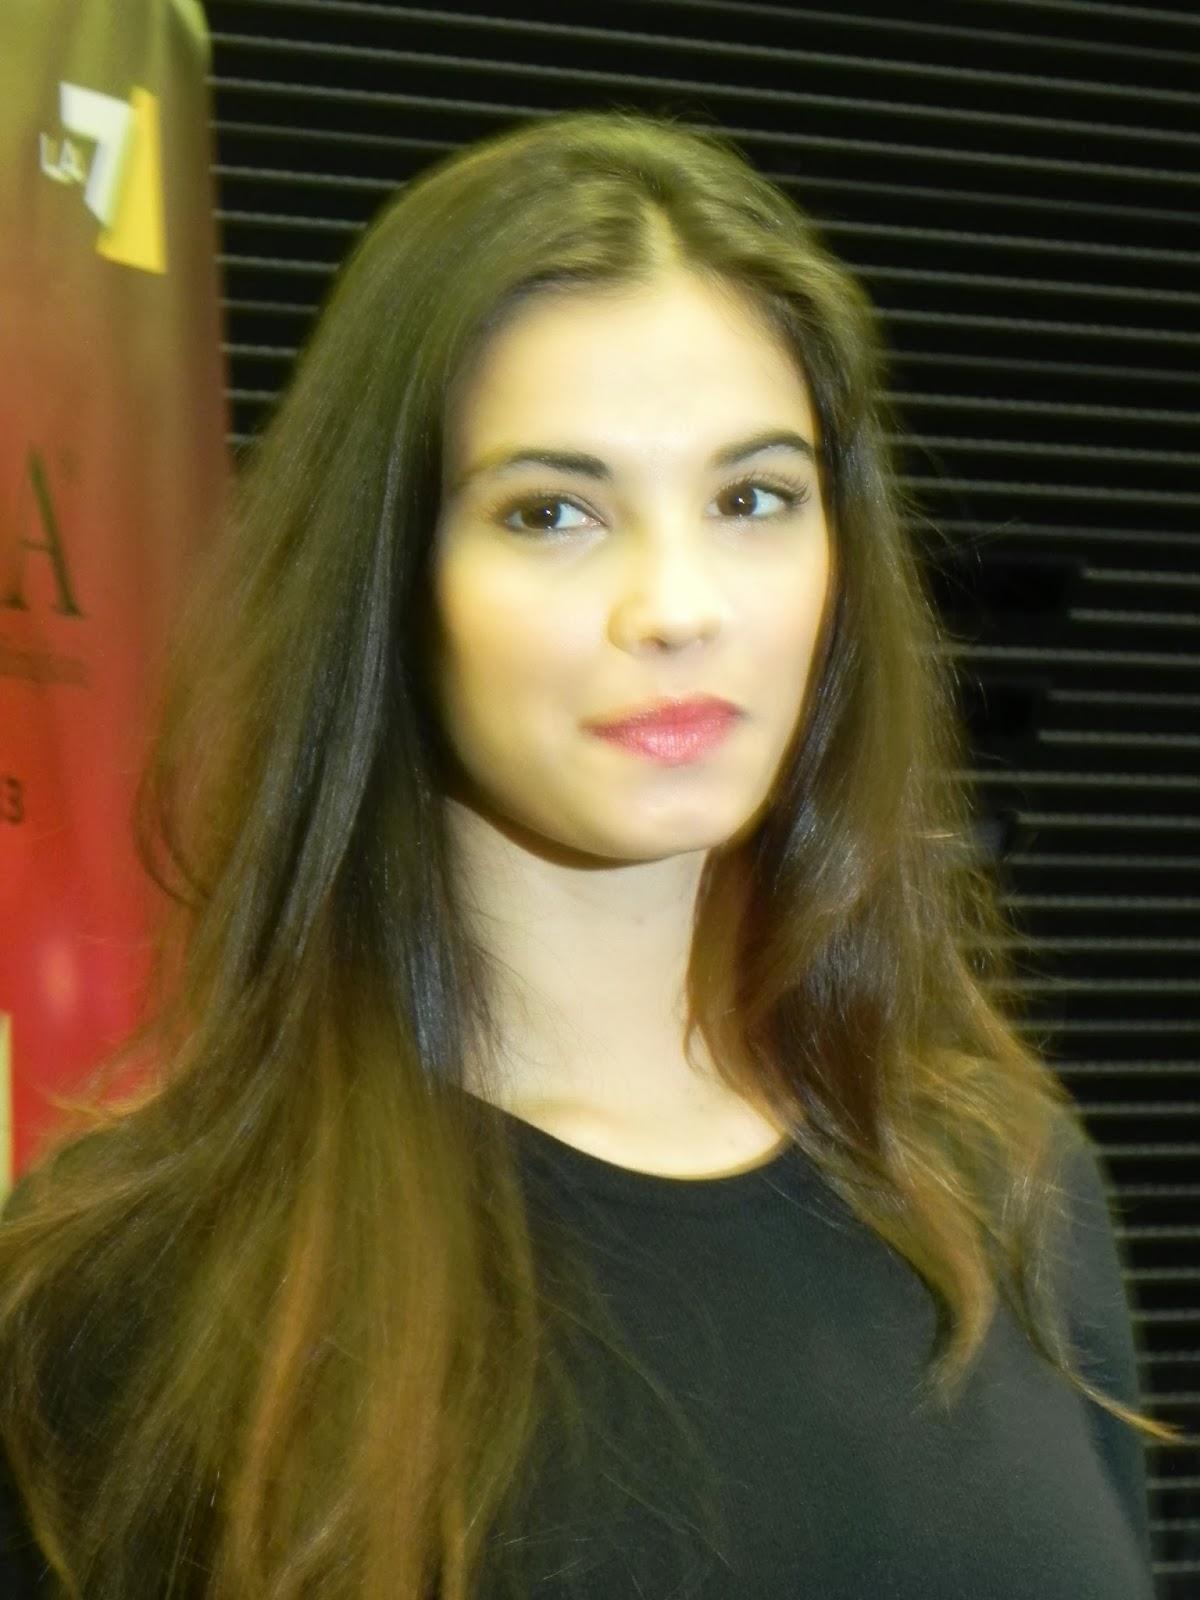 Riflettori sudi Silvia Arosio Miss Italia 2013 le foto della conferenza stampa di